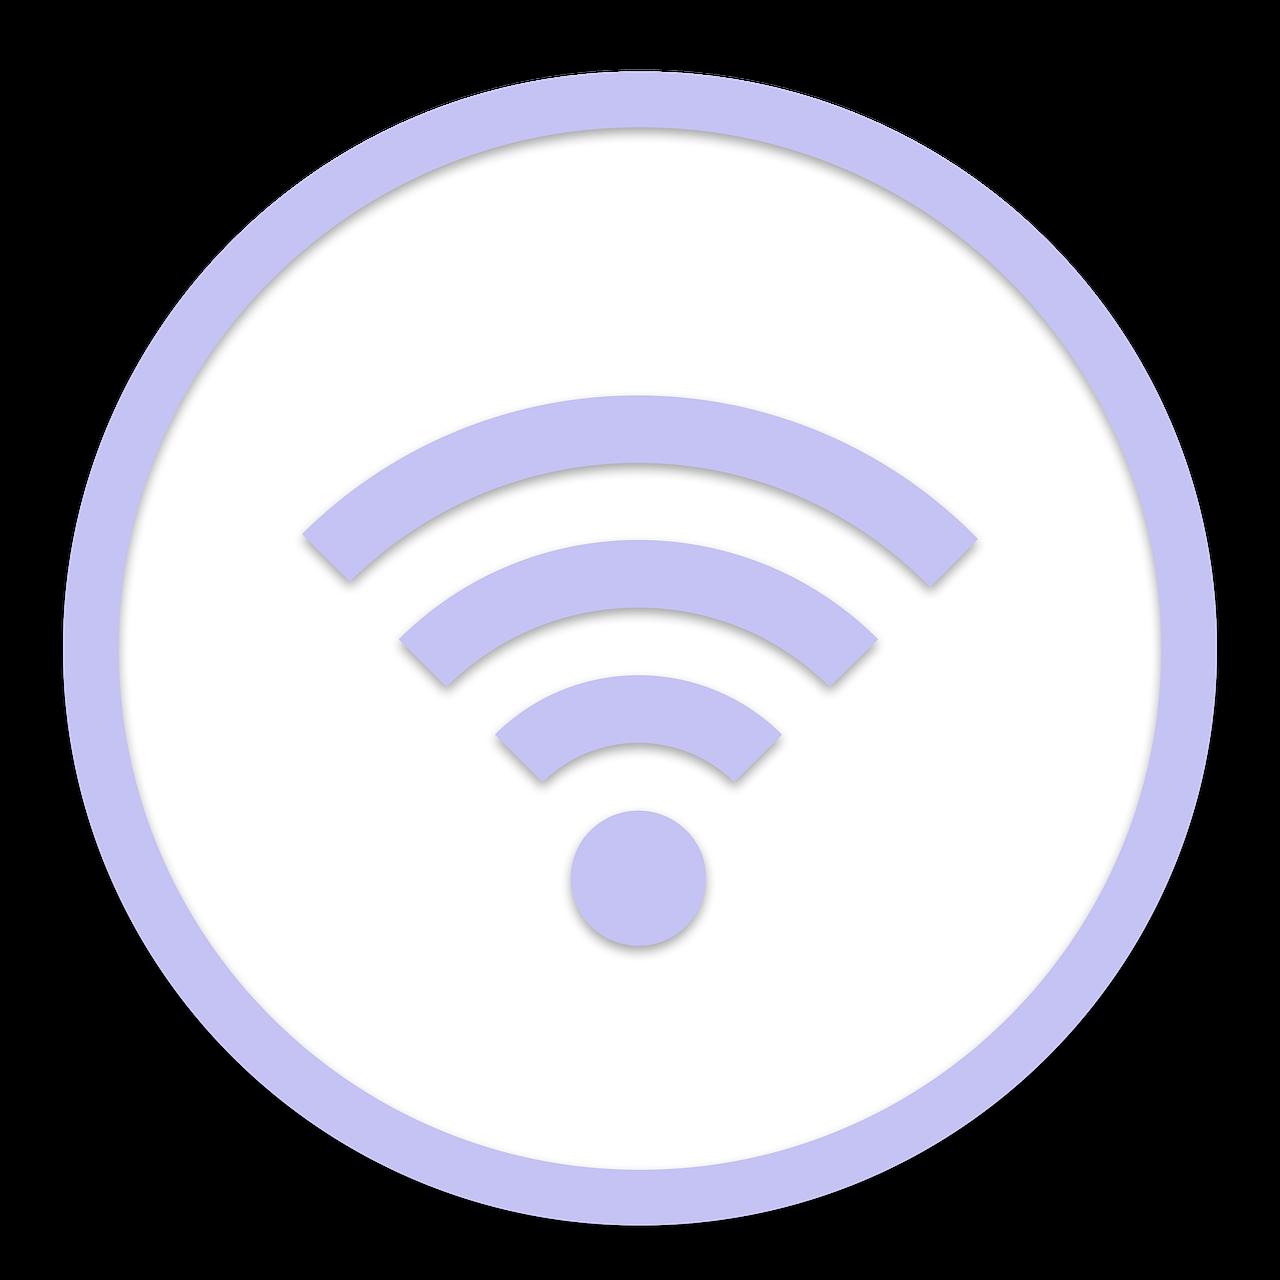 icon, wifi, internet